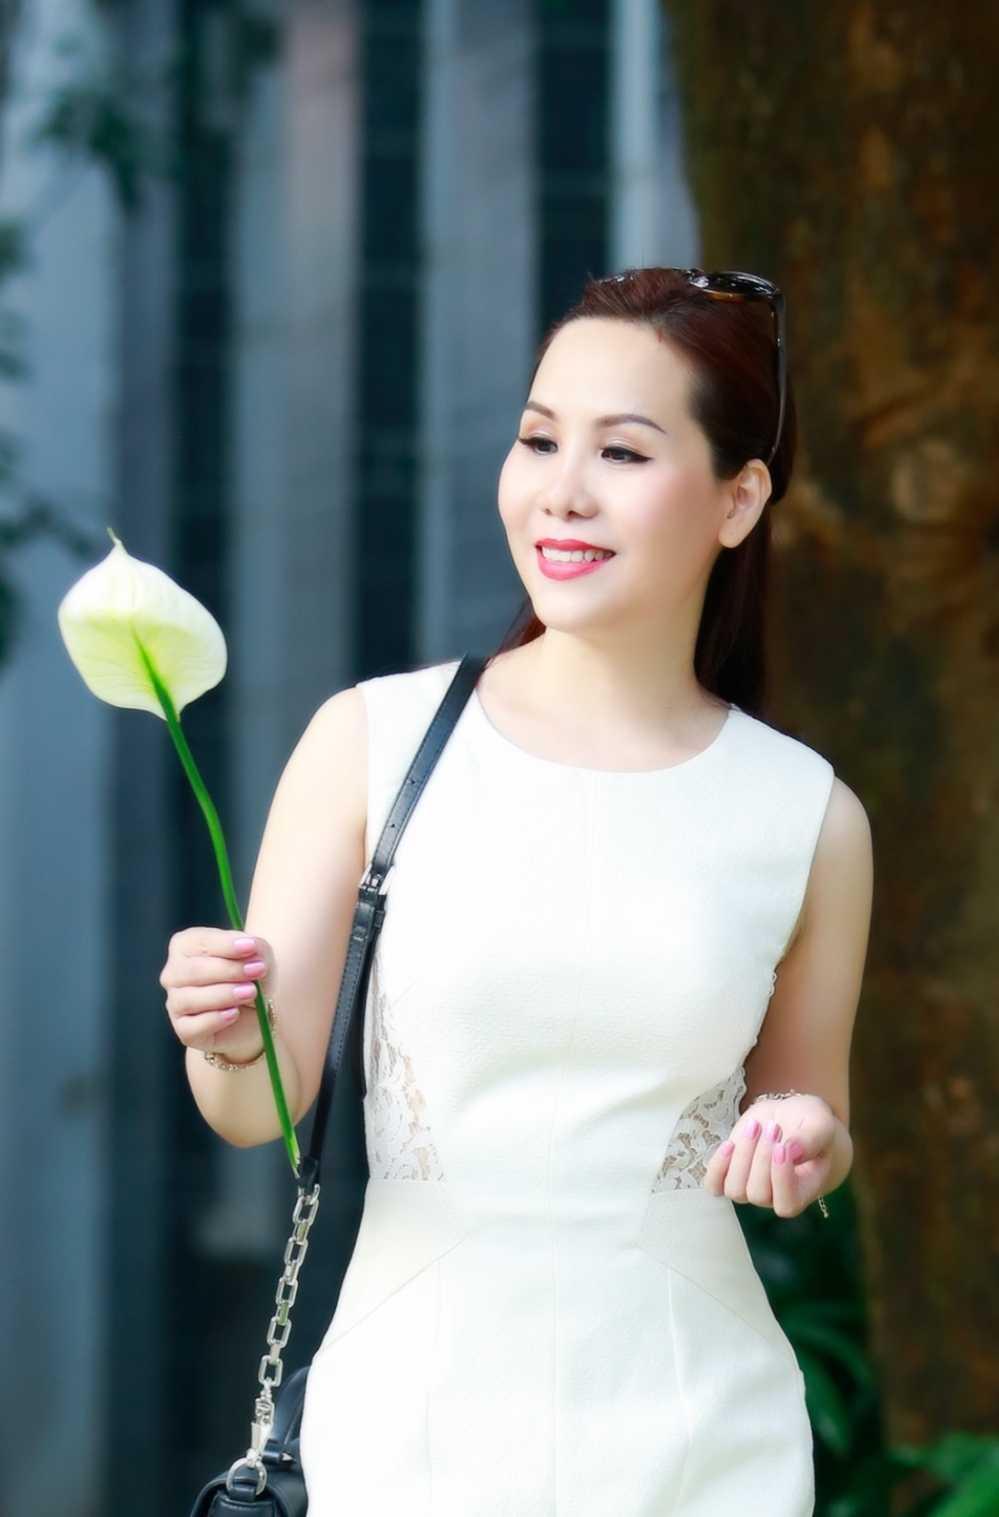 Nu hoang doanh nhan Kim Chi: Phu nu ly hon la dang cuoi lai cuoc doi minh hinh anh 1